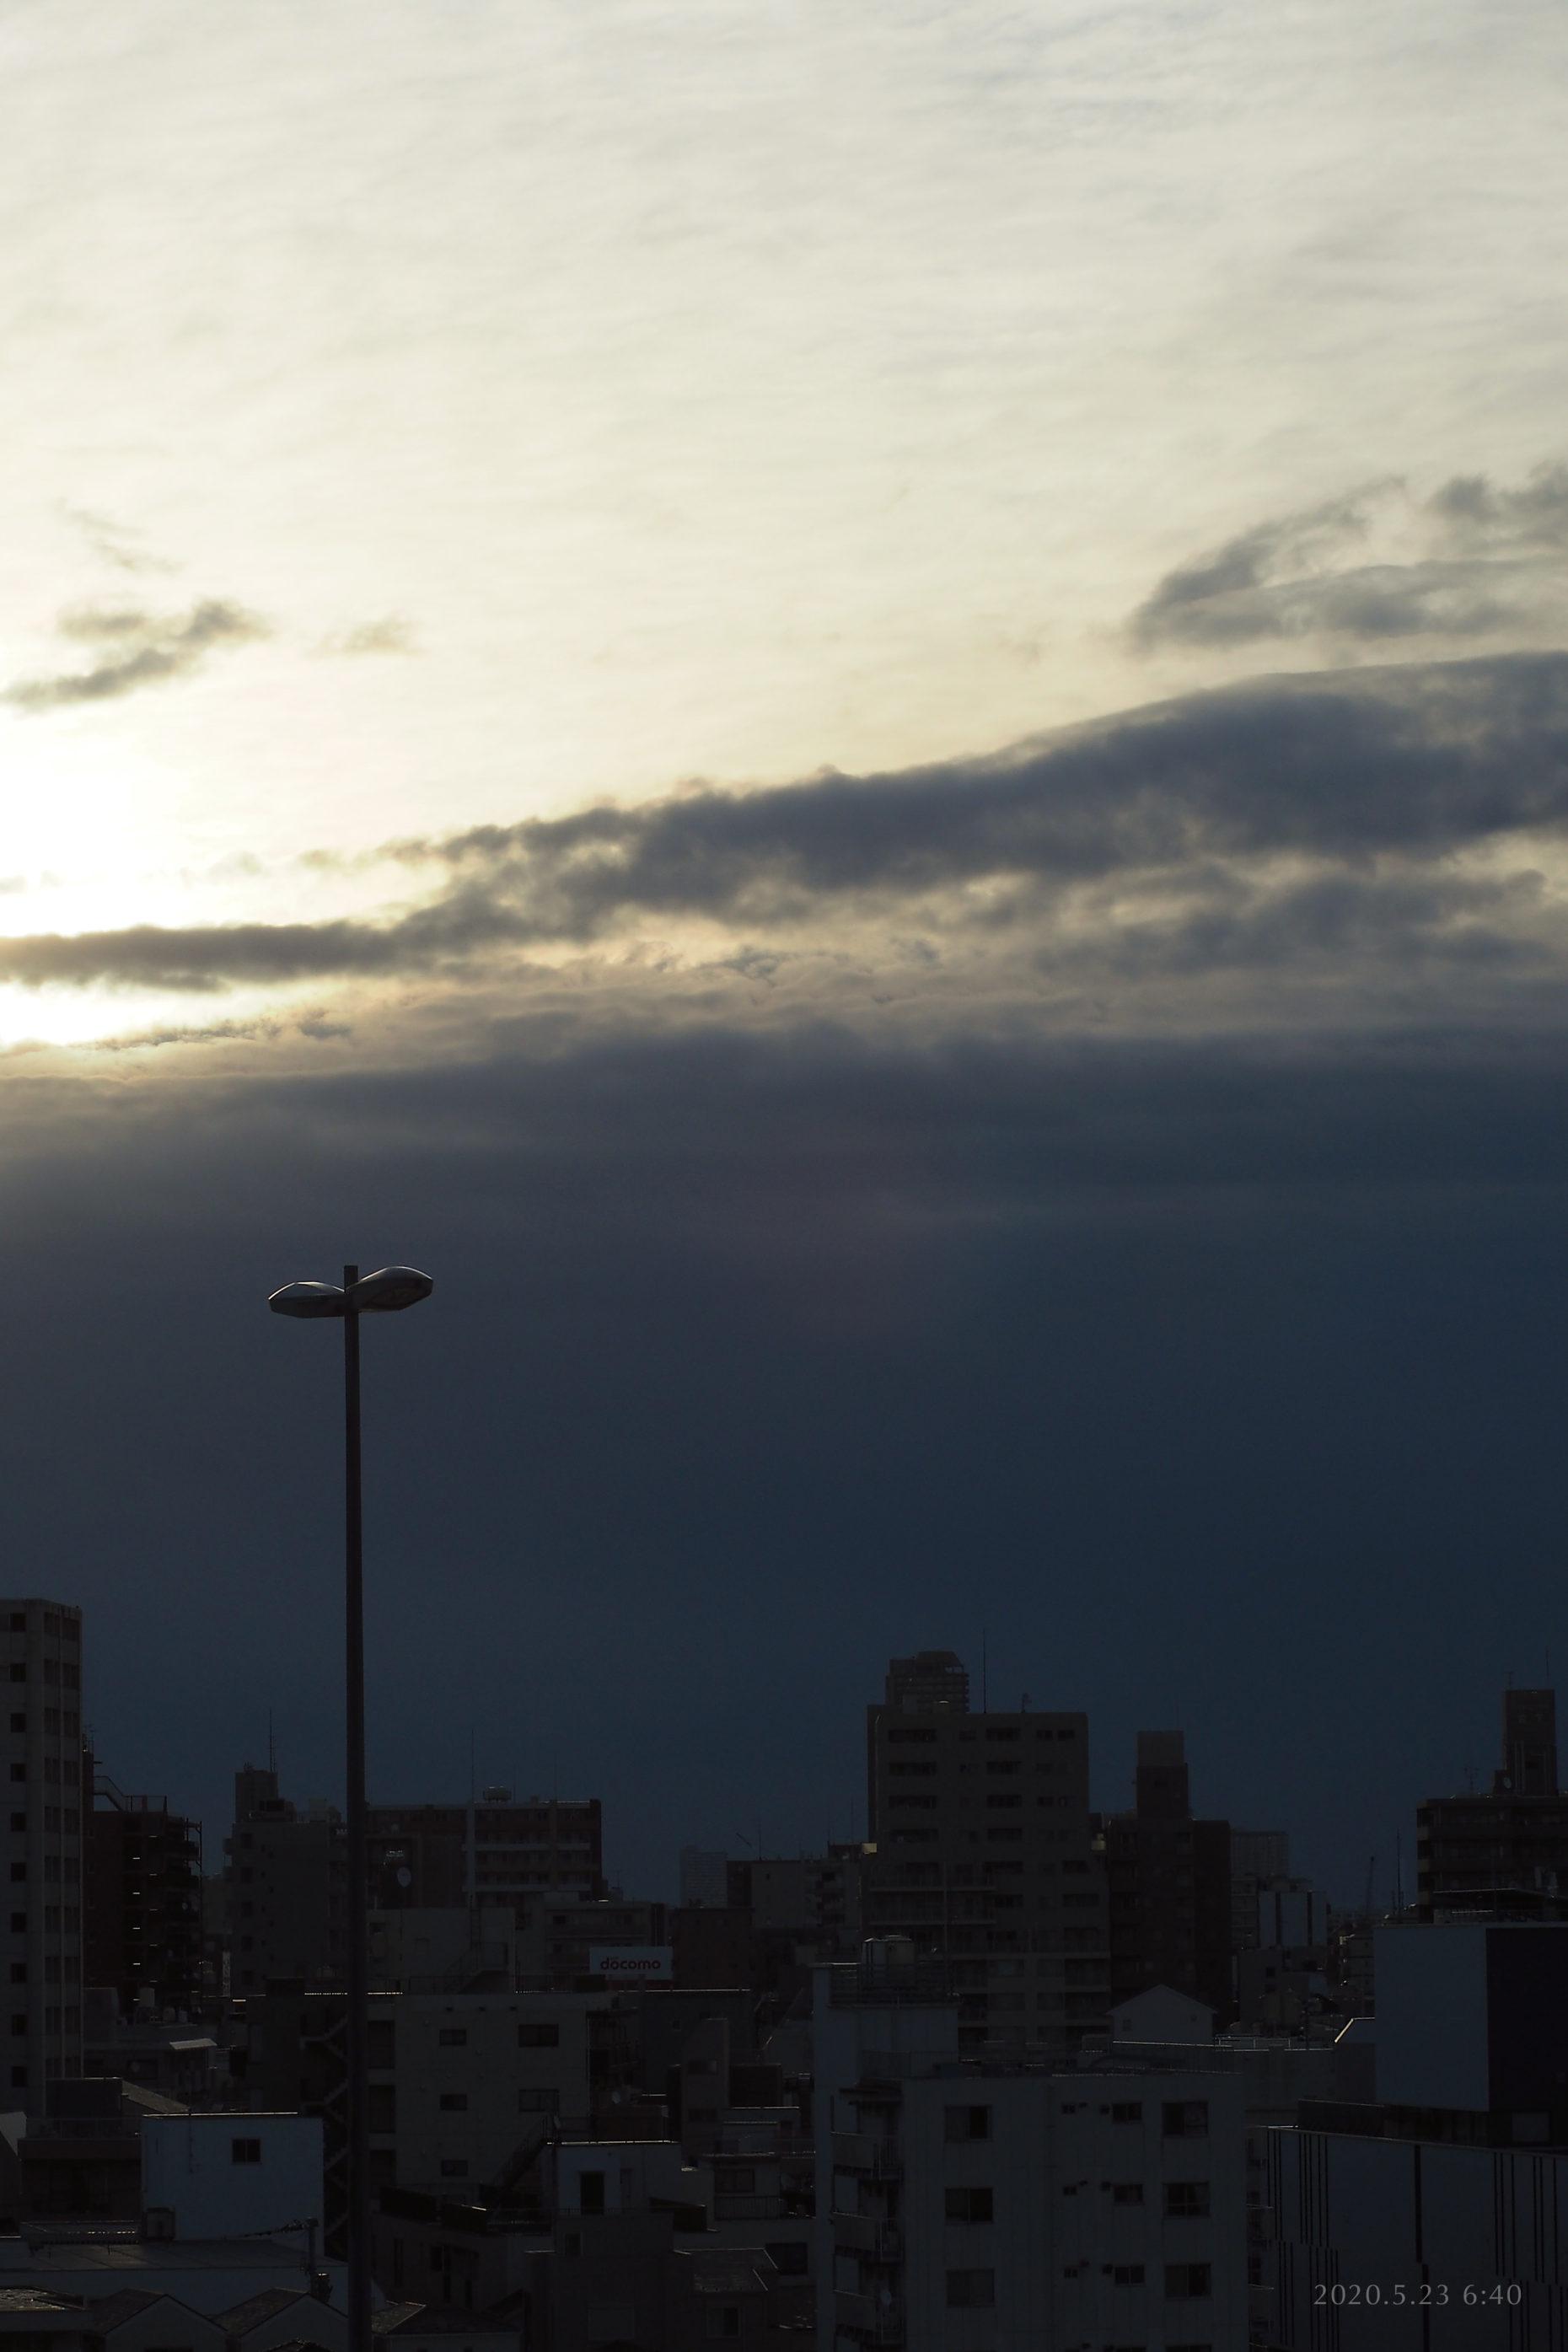 My skies 2020.4.23